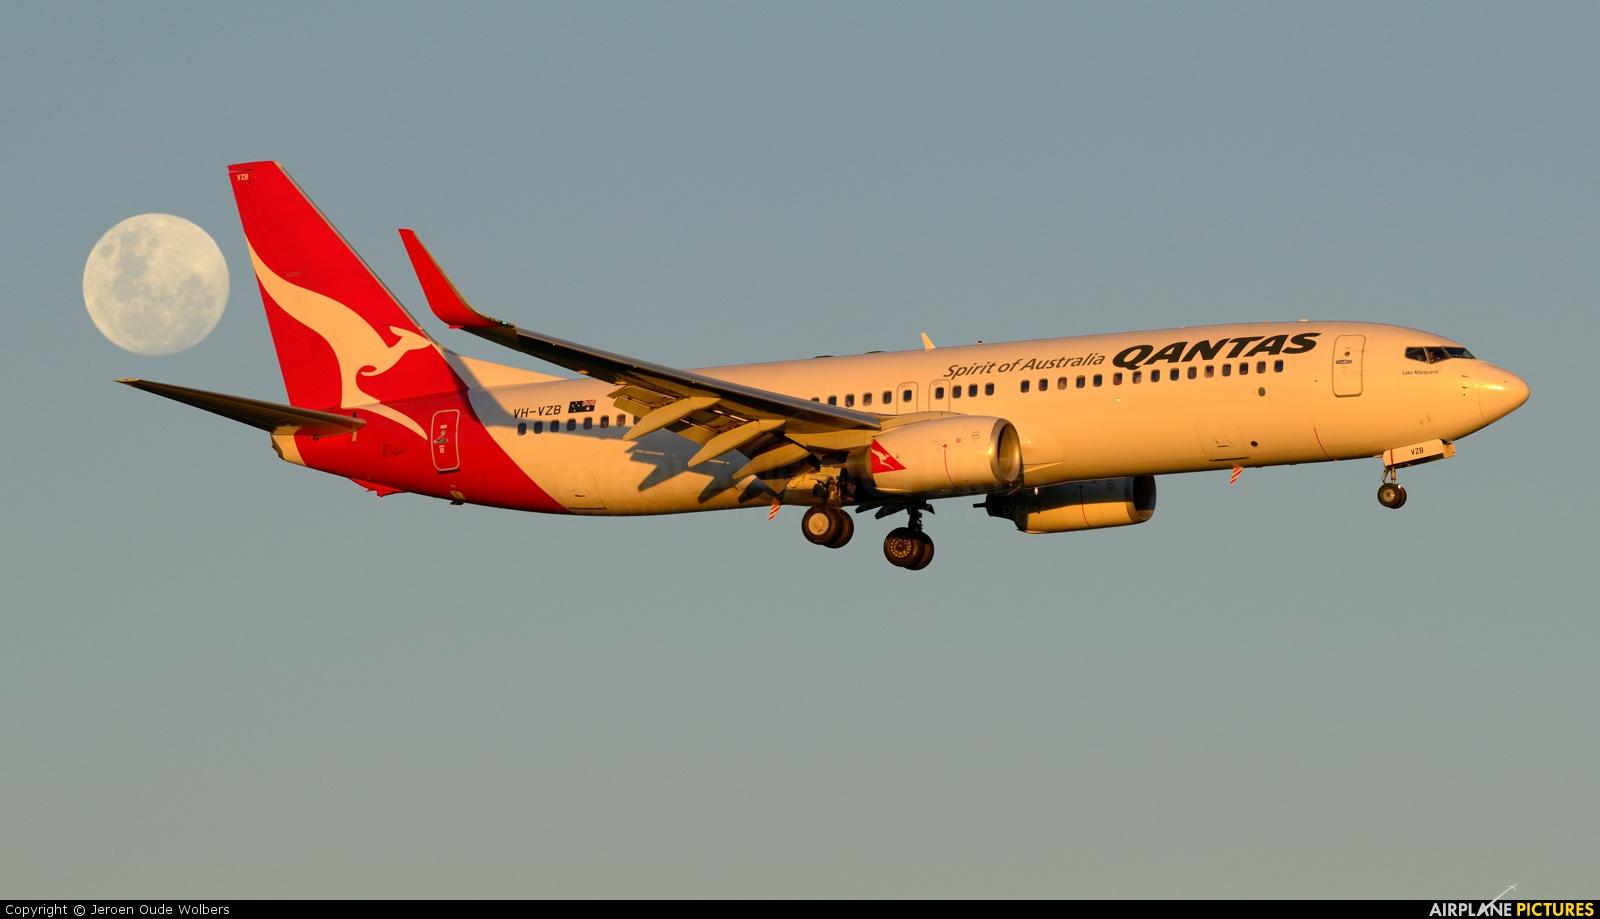 QANTAS VH-VZB aircraft at Melbourne Intl, VIC